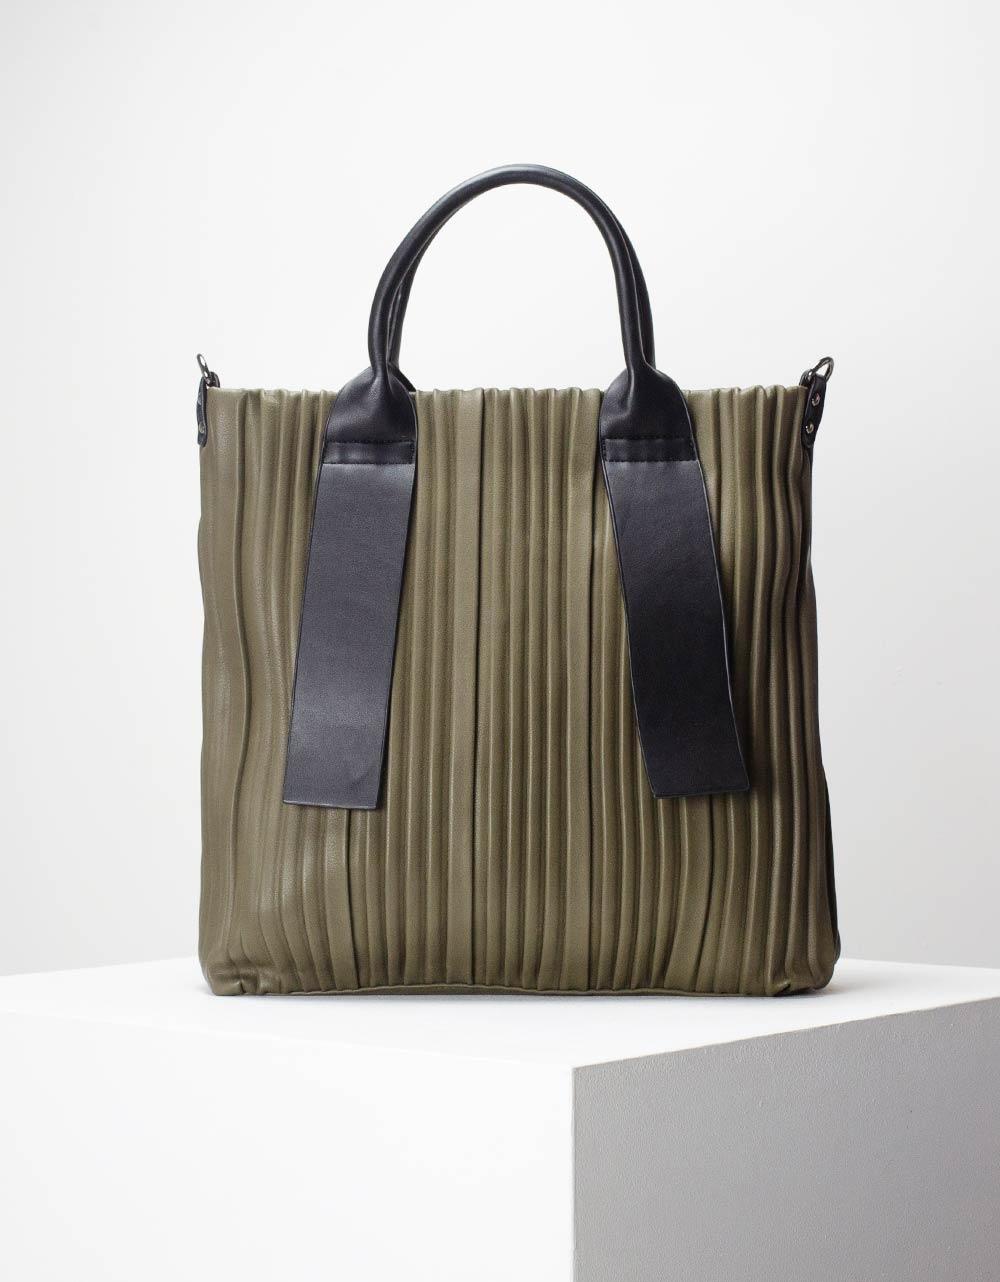 Εικόνα από Γυναικεία τσάντα χειρός με ιδιαίτερο καπιτονέ σχέδιο Χακί